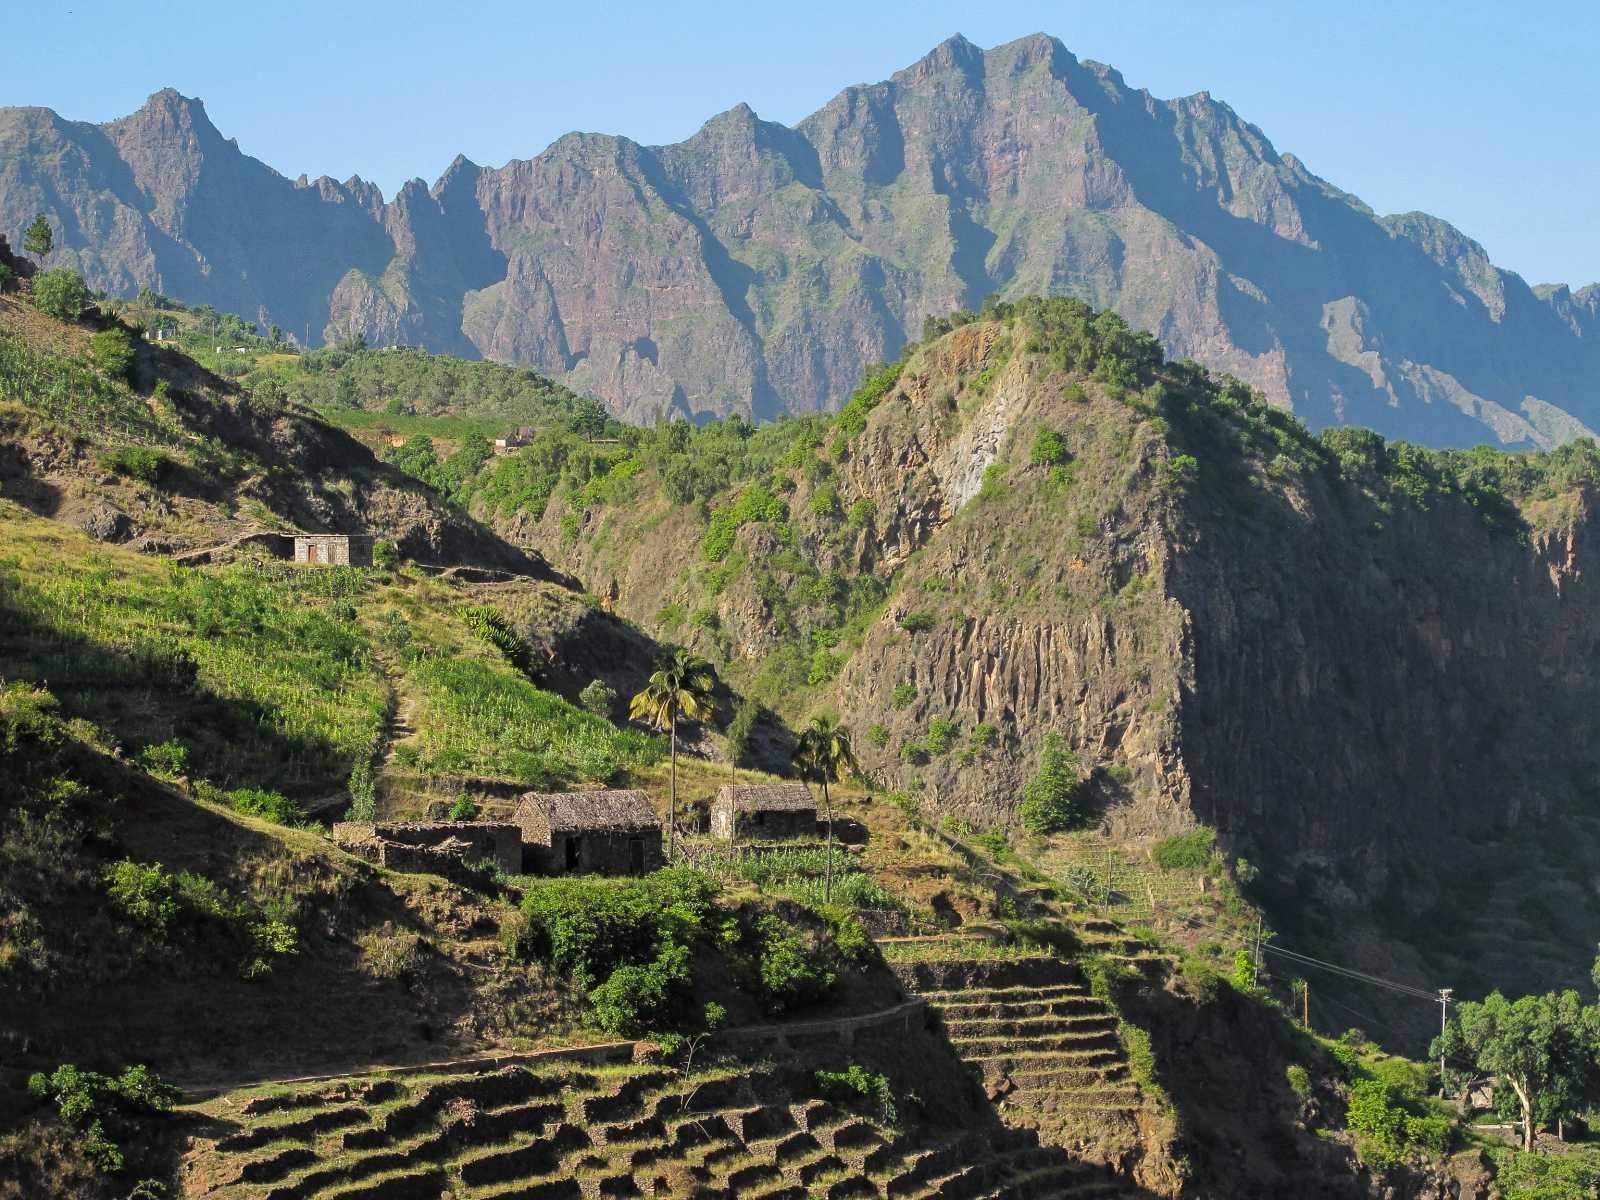 Cap-Vert - Maisons traditionnelles et cultures en terrasses, dans la vallée de Pau à Santo Antao